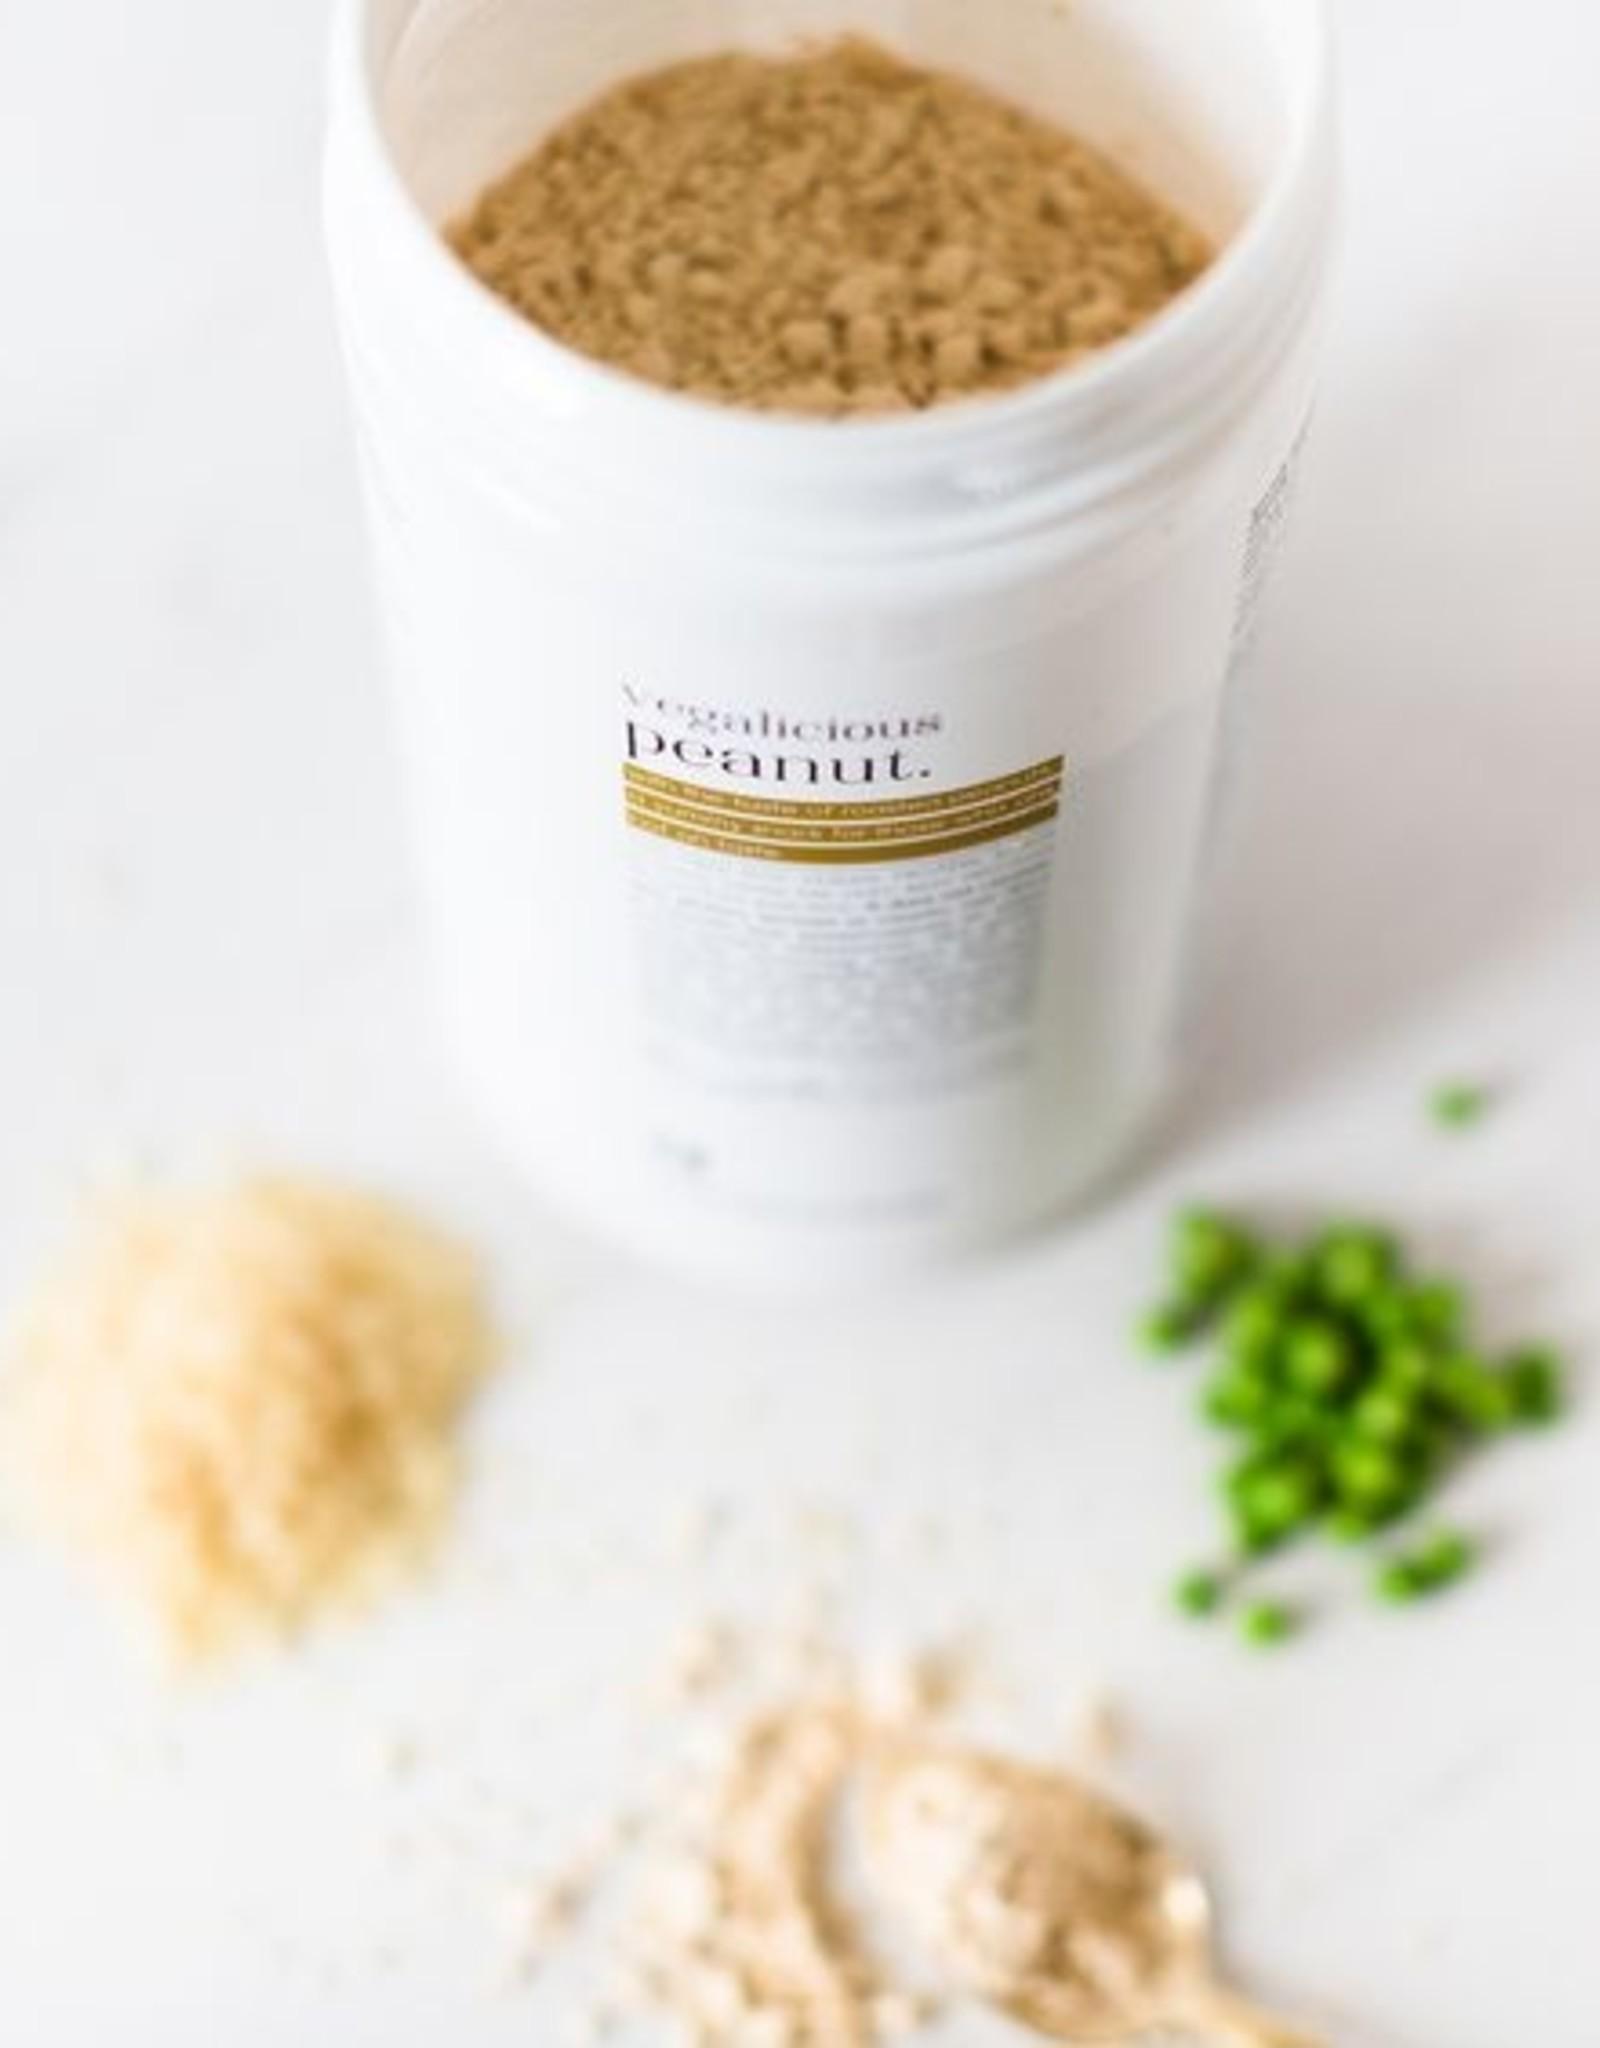 RainPharma Vegalicious Peanut 450g - Rainpharma